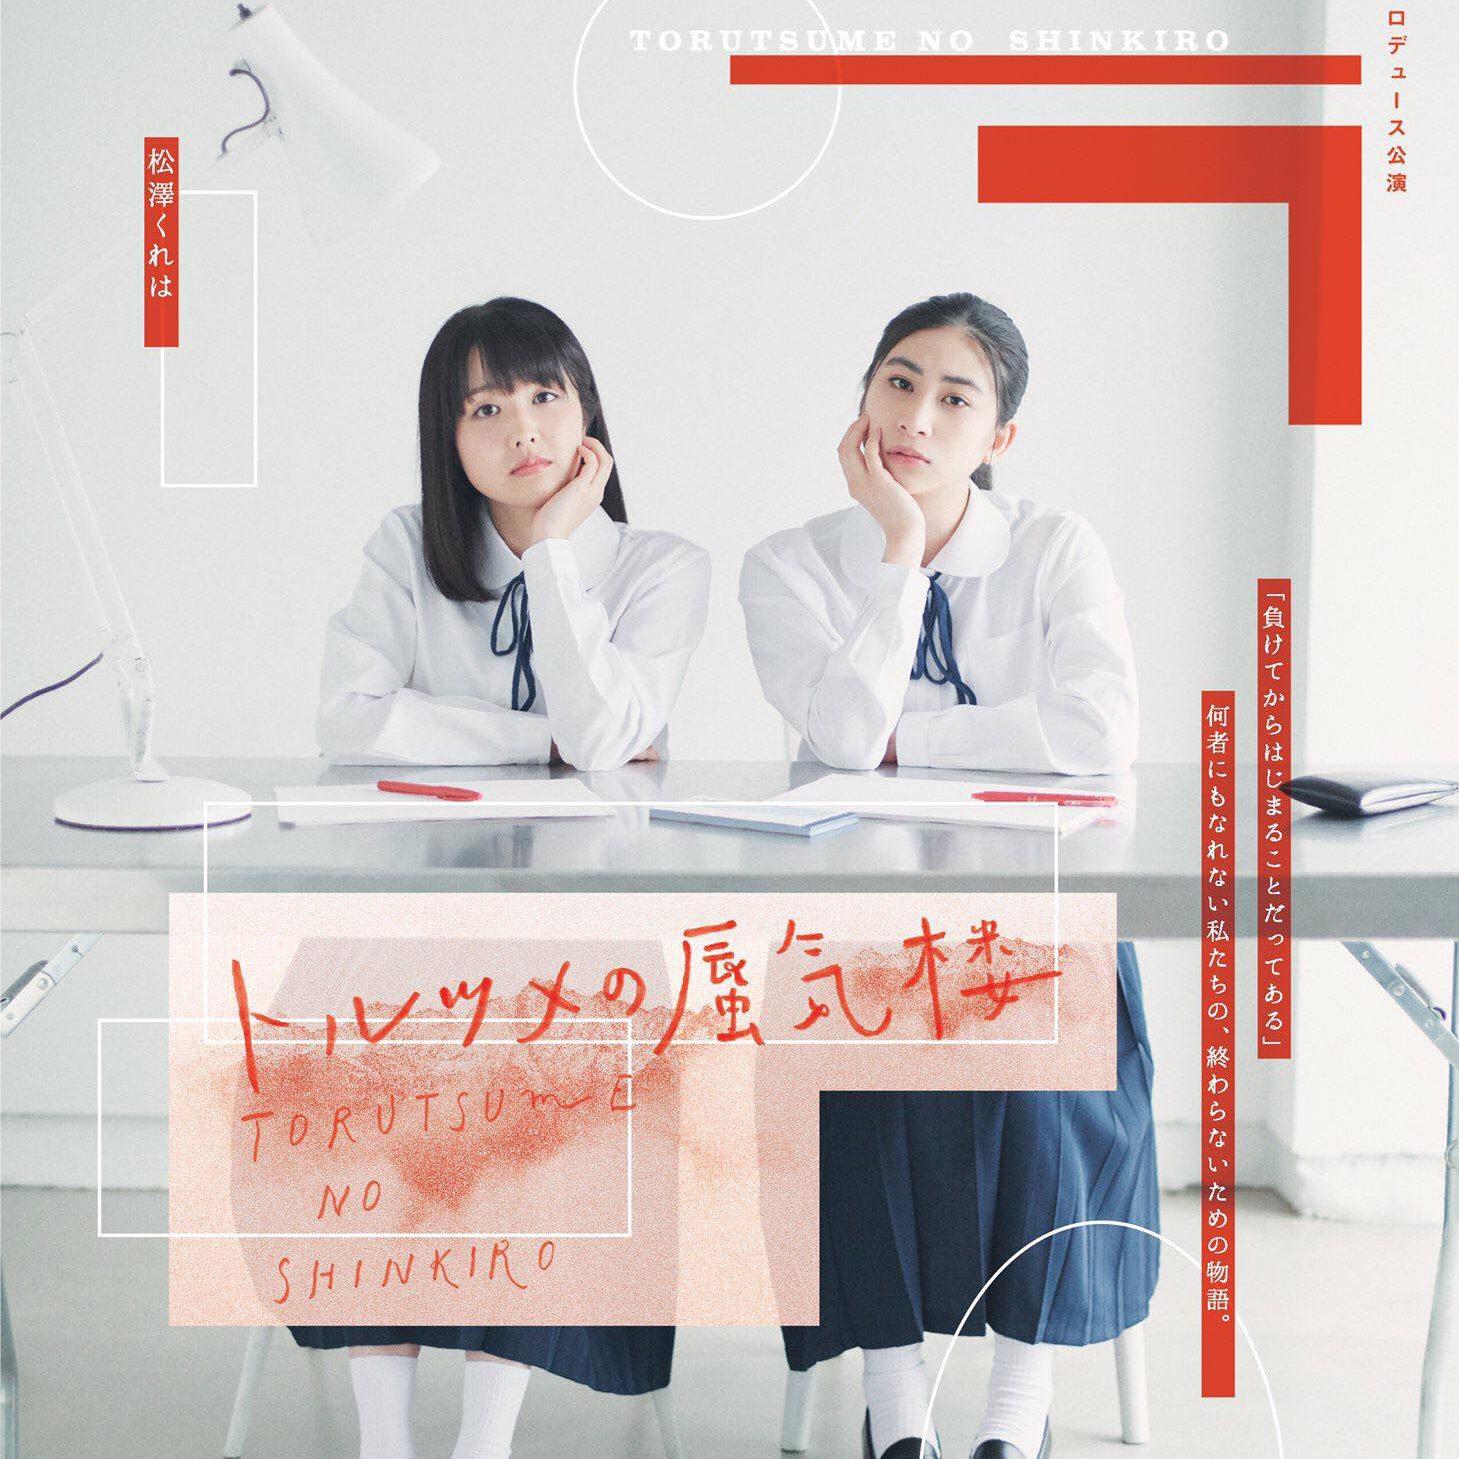 小林 令奈さん、ザ・ポケットにて演劇作品に出演!